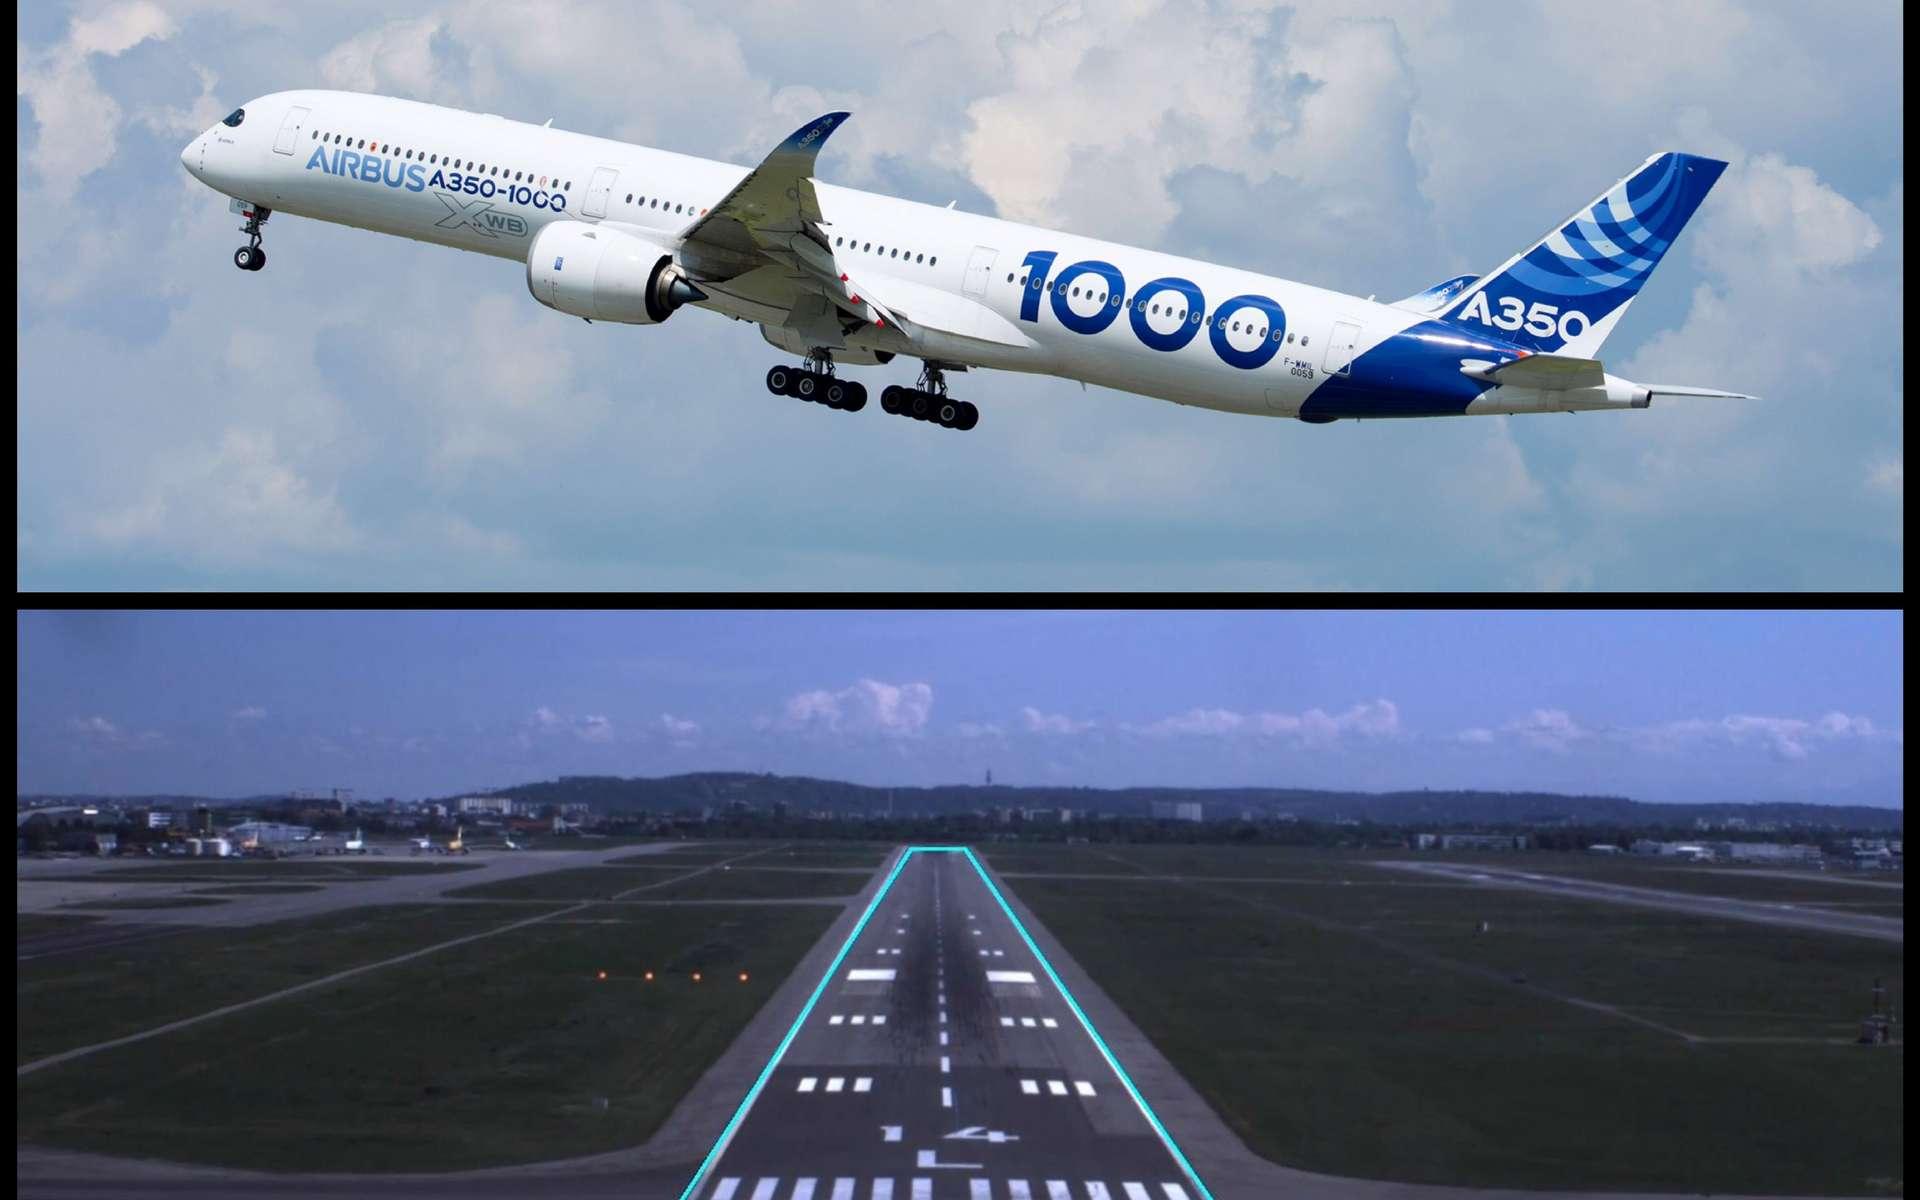 Le projet Attol permet aux avions d'effectuer sans pilote les phases de décollage, atterrissage et roulage. © Airbus